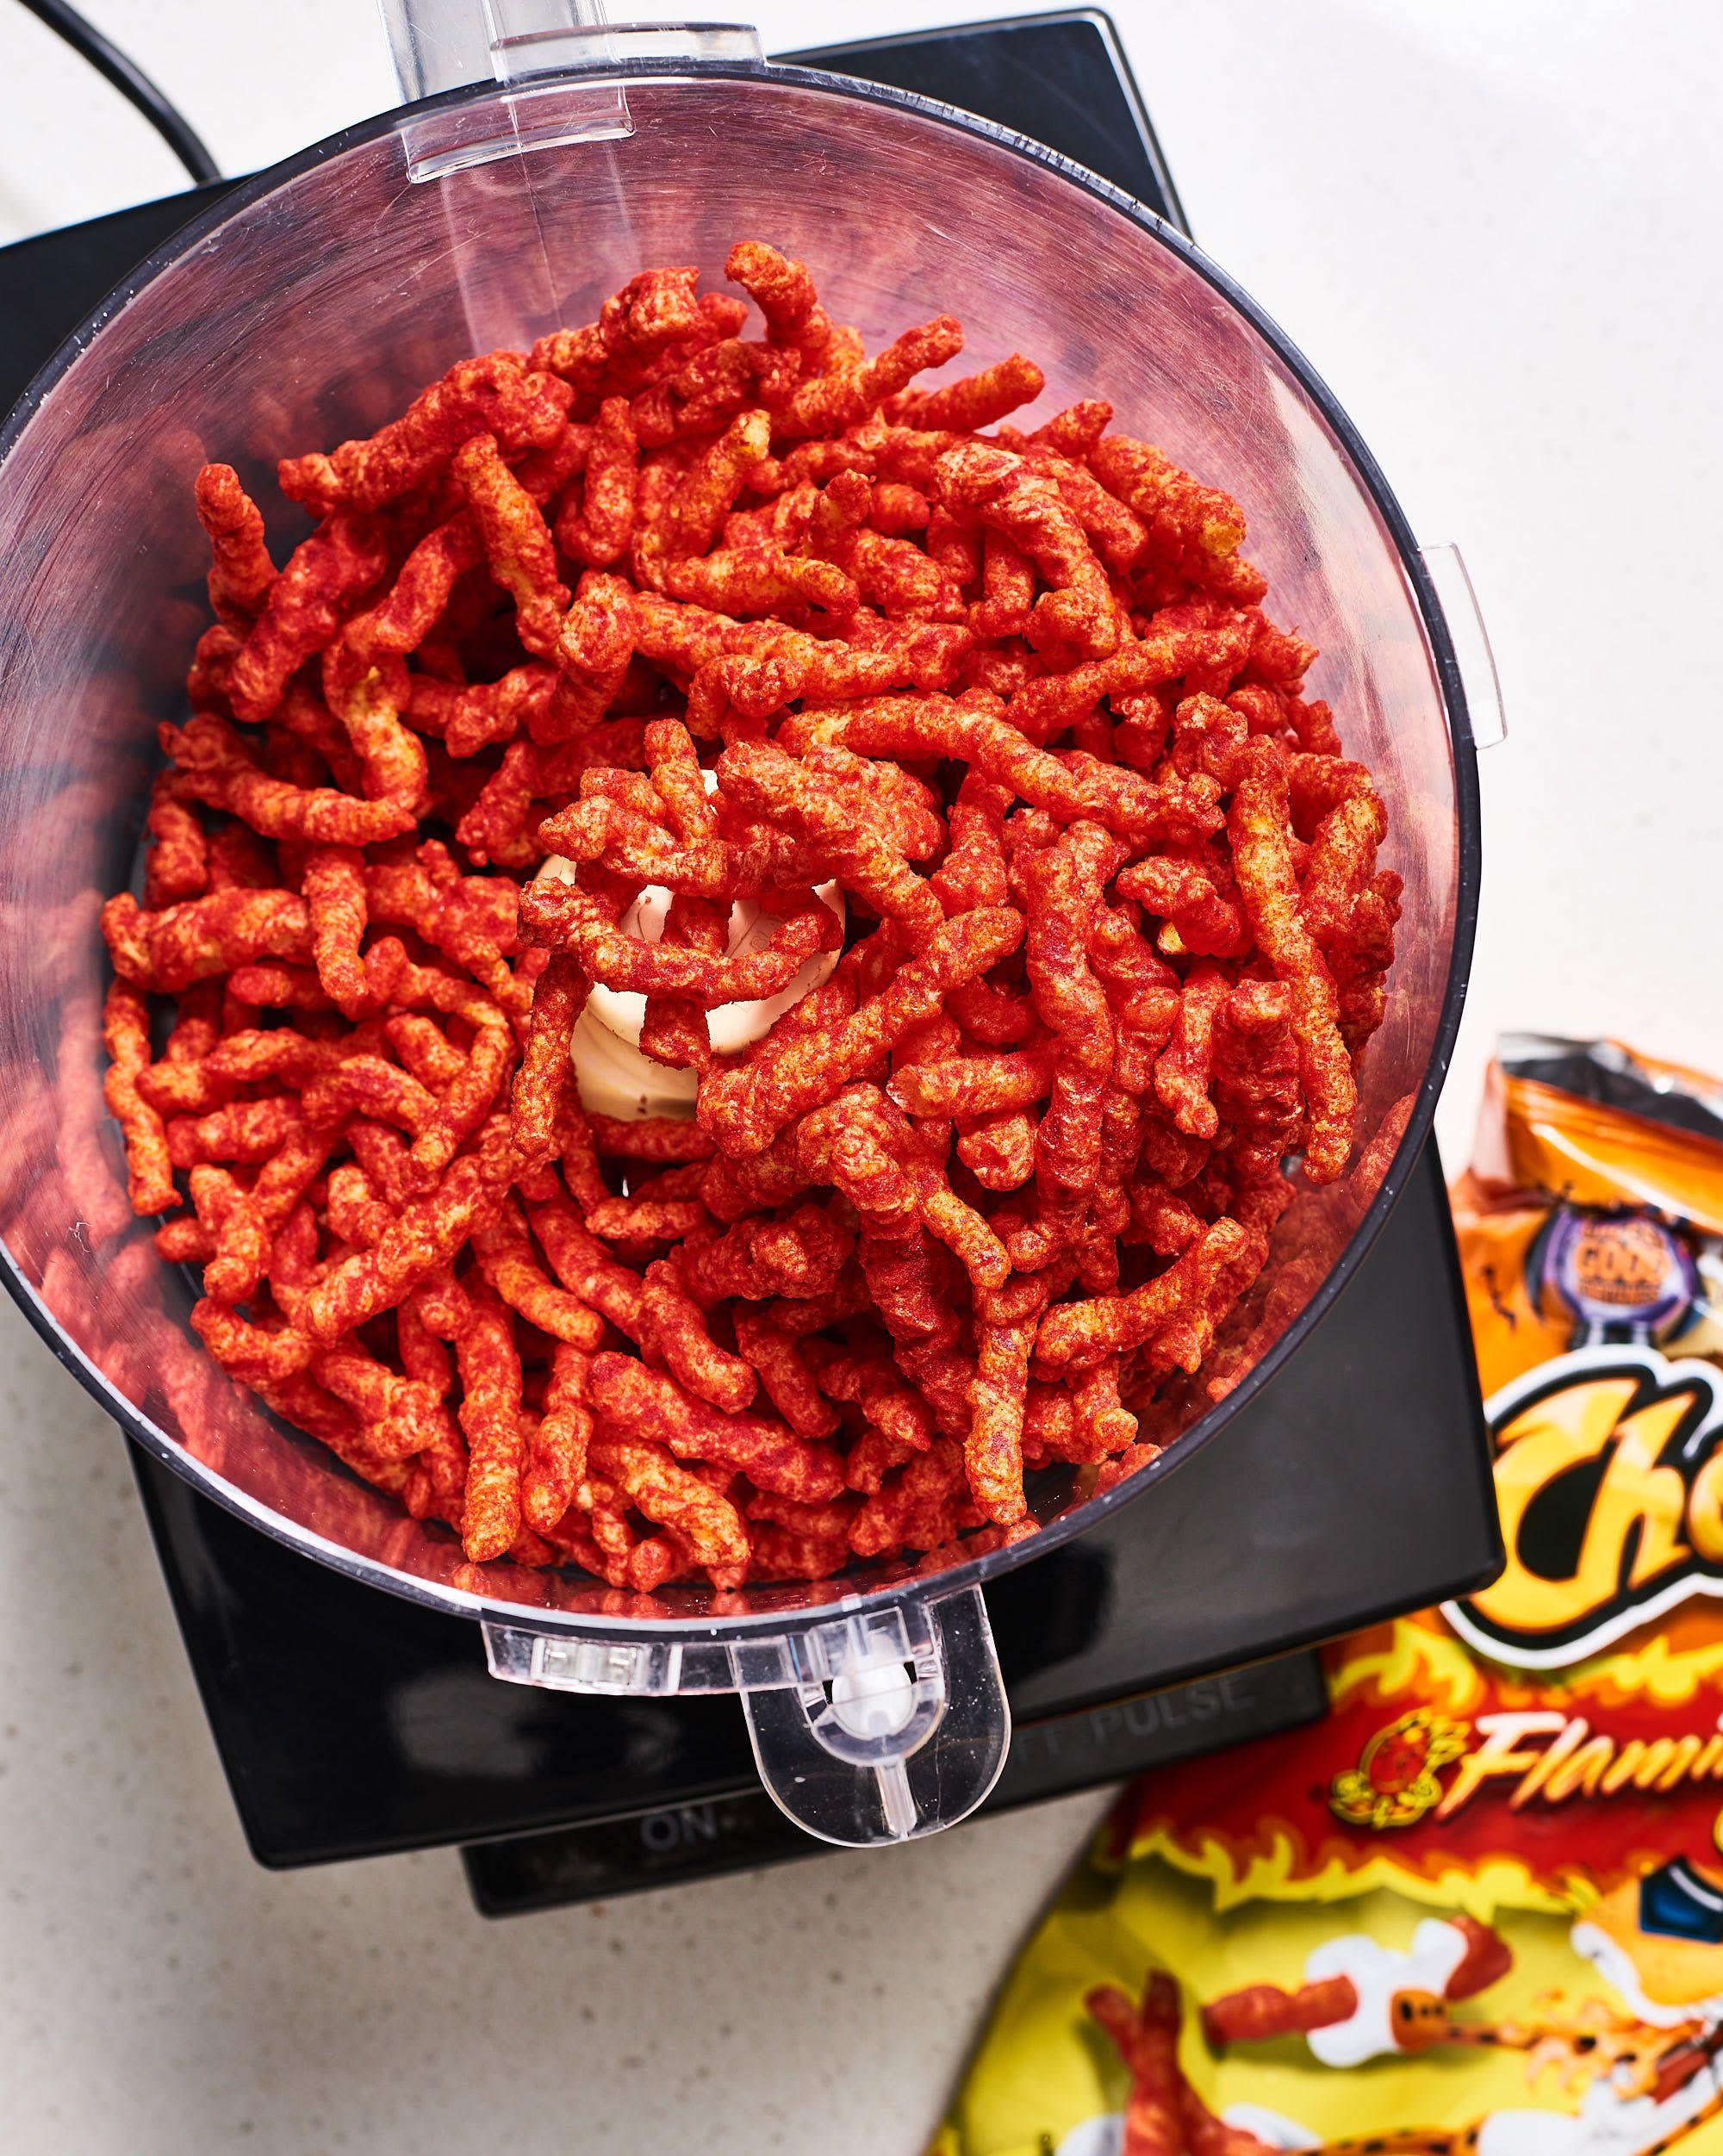 Flamin hot cheetos fried chicken bites recipe chicken